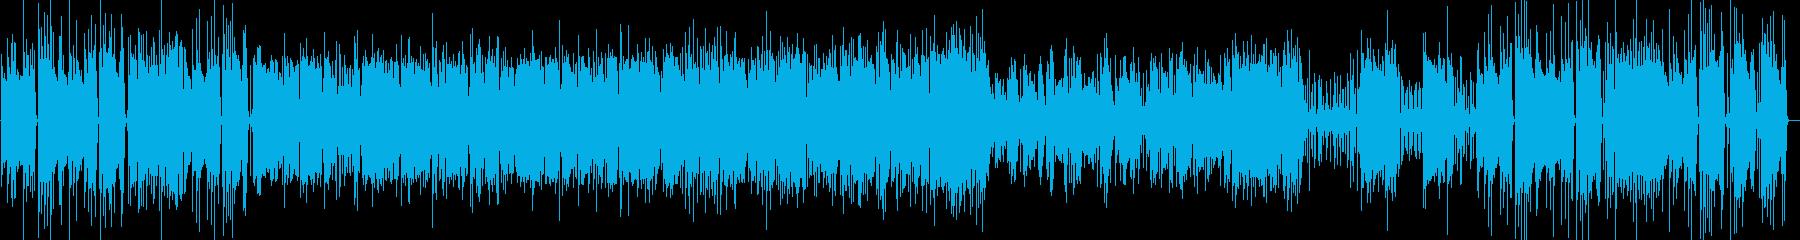 大人な雰囲気のジャズピアノの再生済みの波形